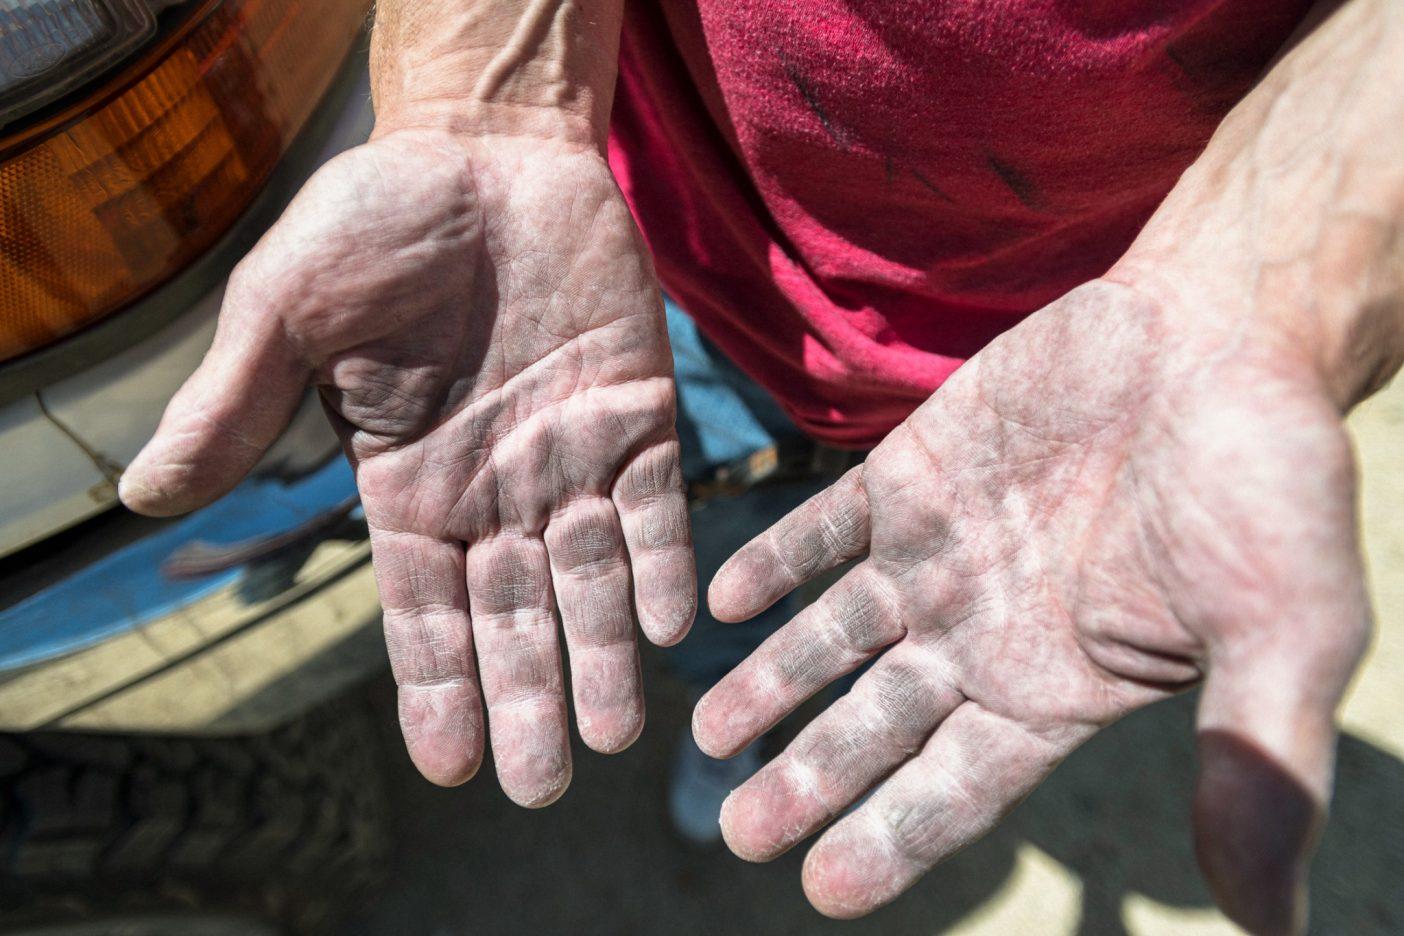 トム・エースは皮膚が硬化した地元民の手、彼の「アラバマヒルズ・ミット」を見せる。数十年にわたって乾燥した高地砂漠で尖ったザラつく岩を登り、自宅工房で大工仕事にいそしんだ結果だ。Photo: Matthew Tufts